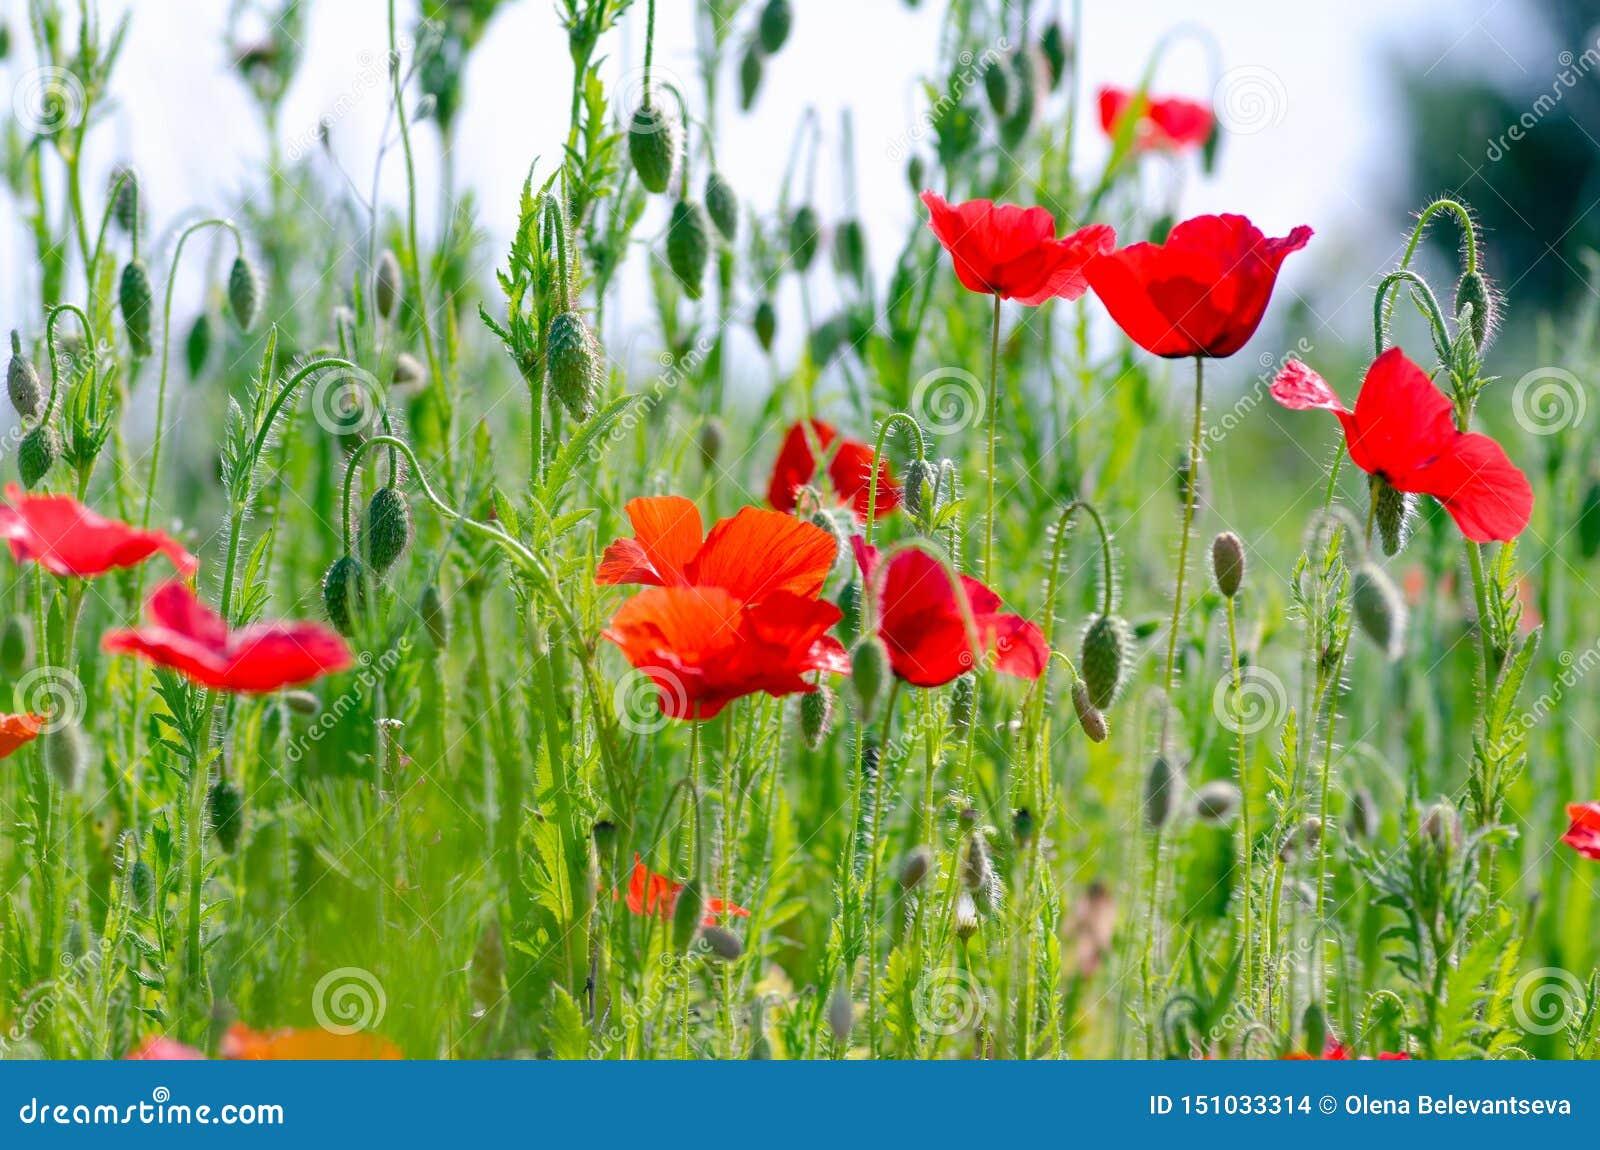 Amapolas rojas hermosas en un prado del verano, brotes de amapolas, un símbolo de la victoria